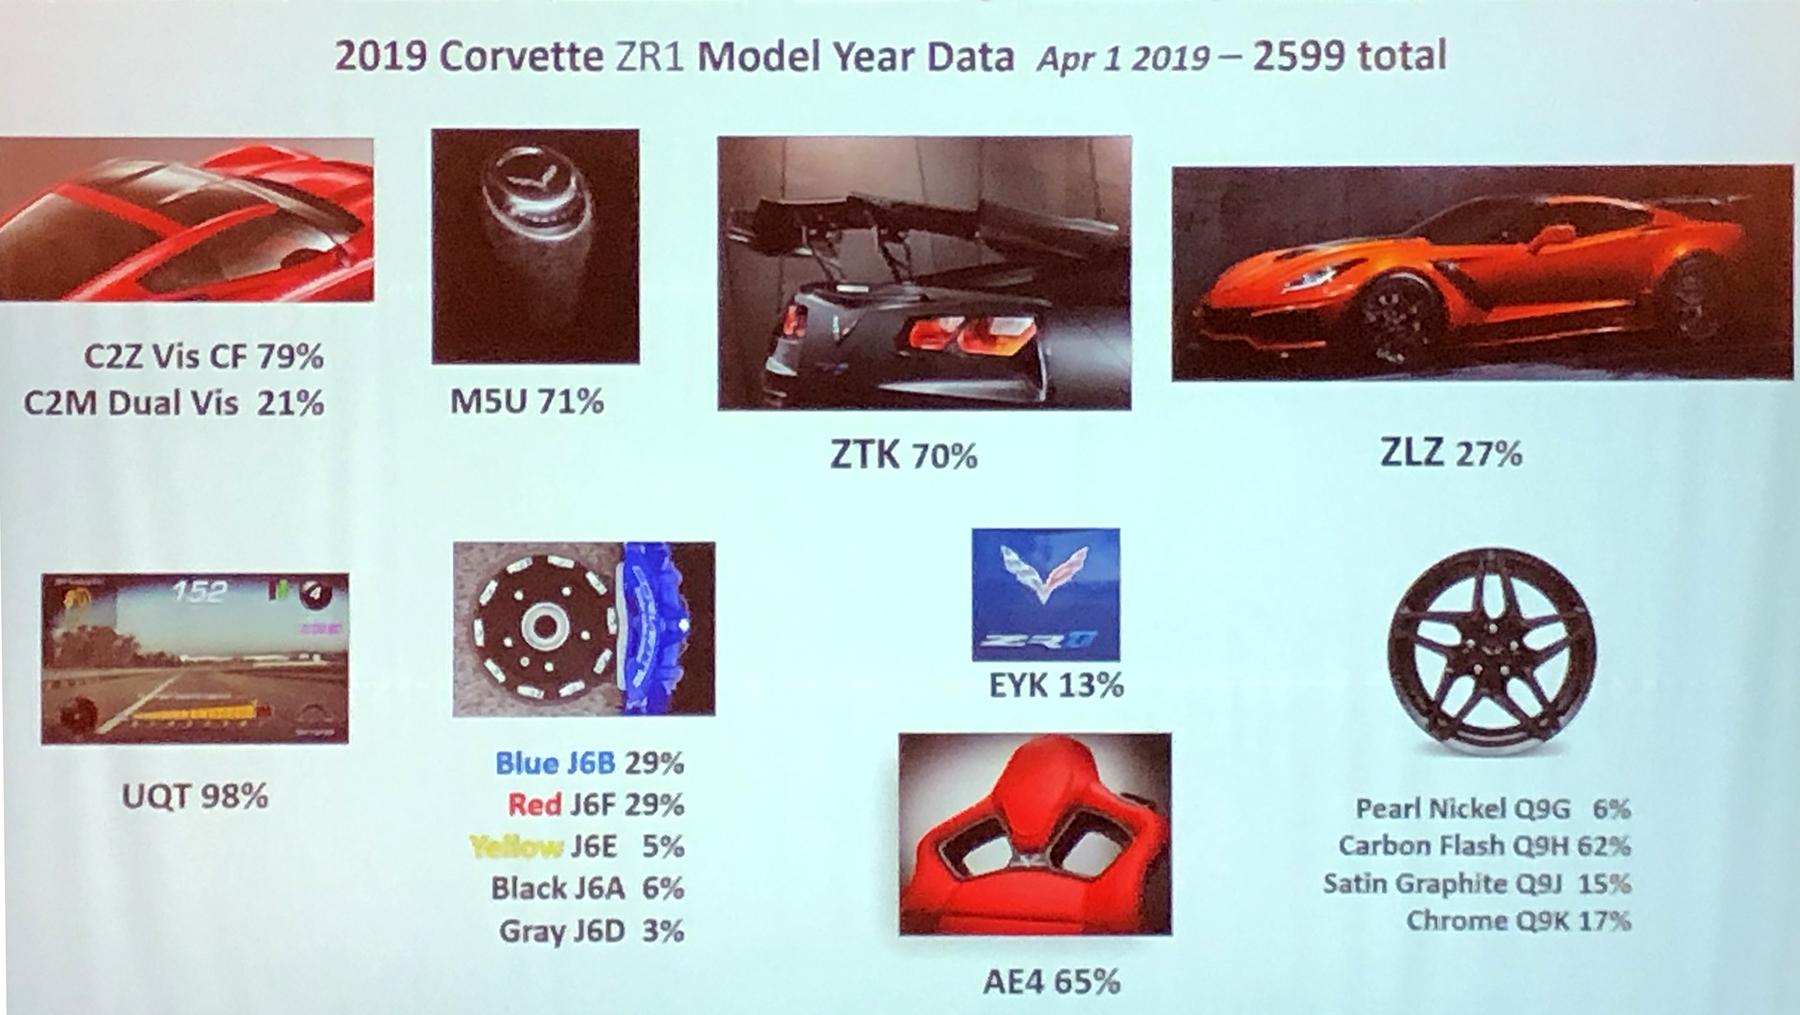 Gm Corvette Team Shares 2019 Model Year Data National